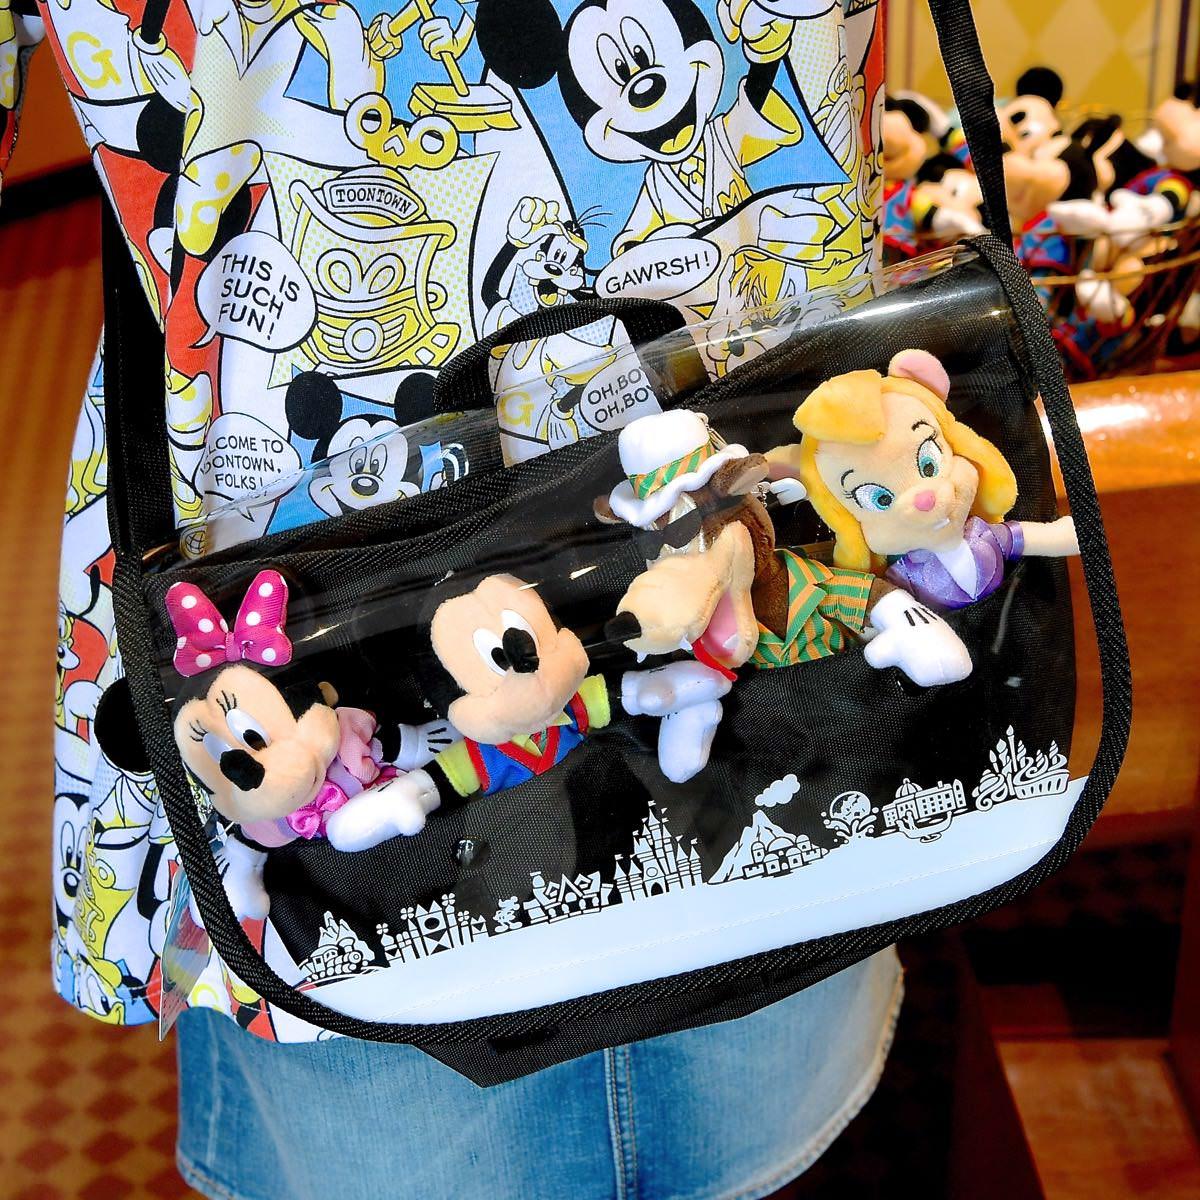 東京ディズニーランド ぬいぐるみバッジが入るショルダーバッグ